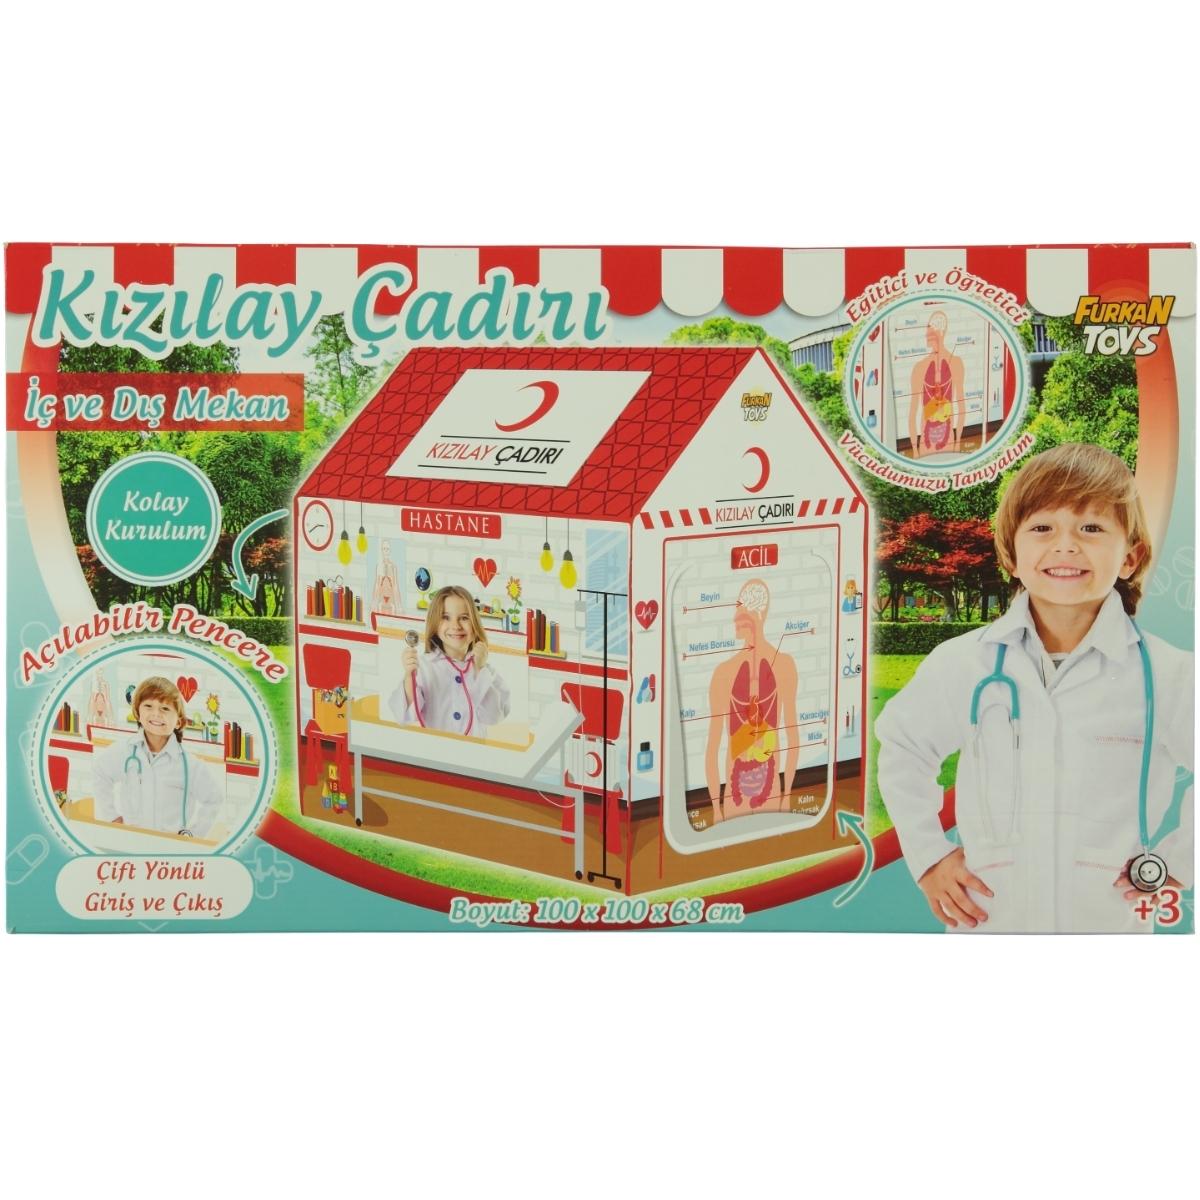 Fr57942 Furkan Toys Kizilay Oyun Cadiri 3 Yas Beyaz